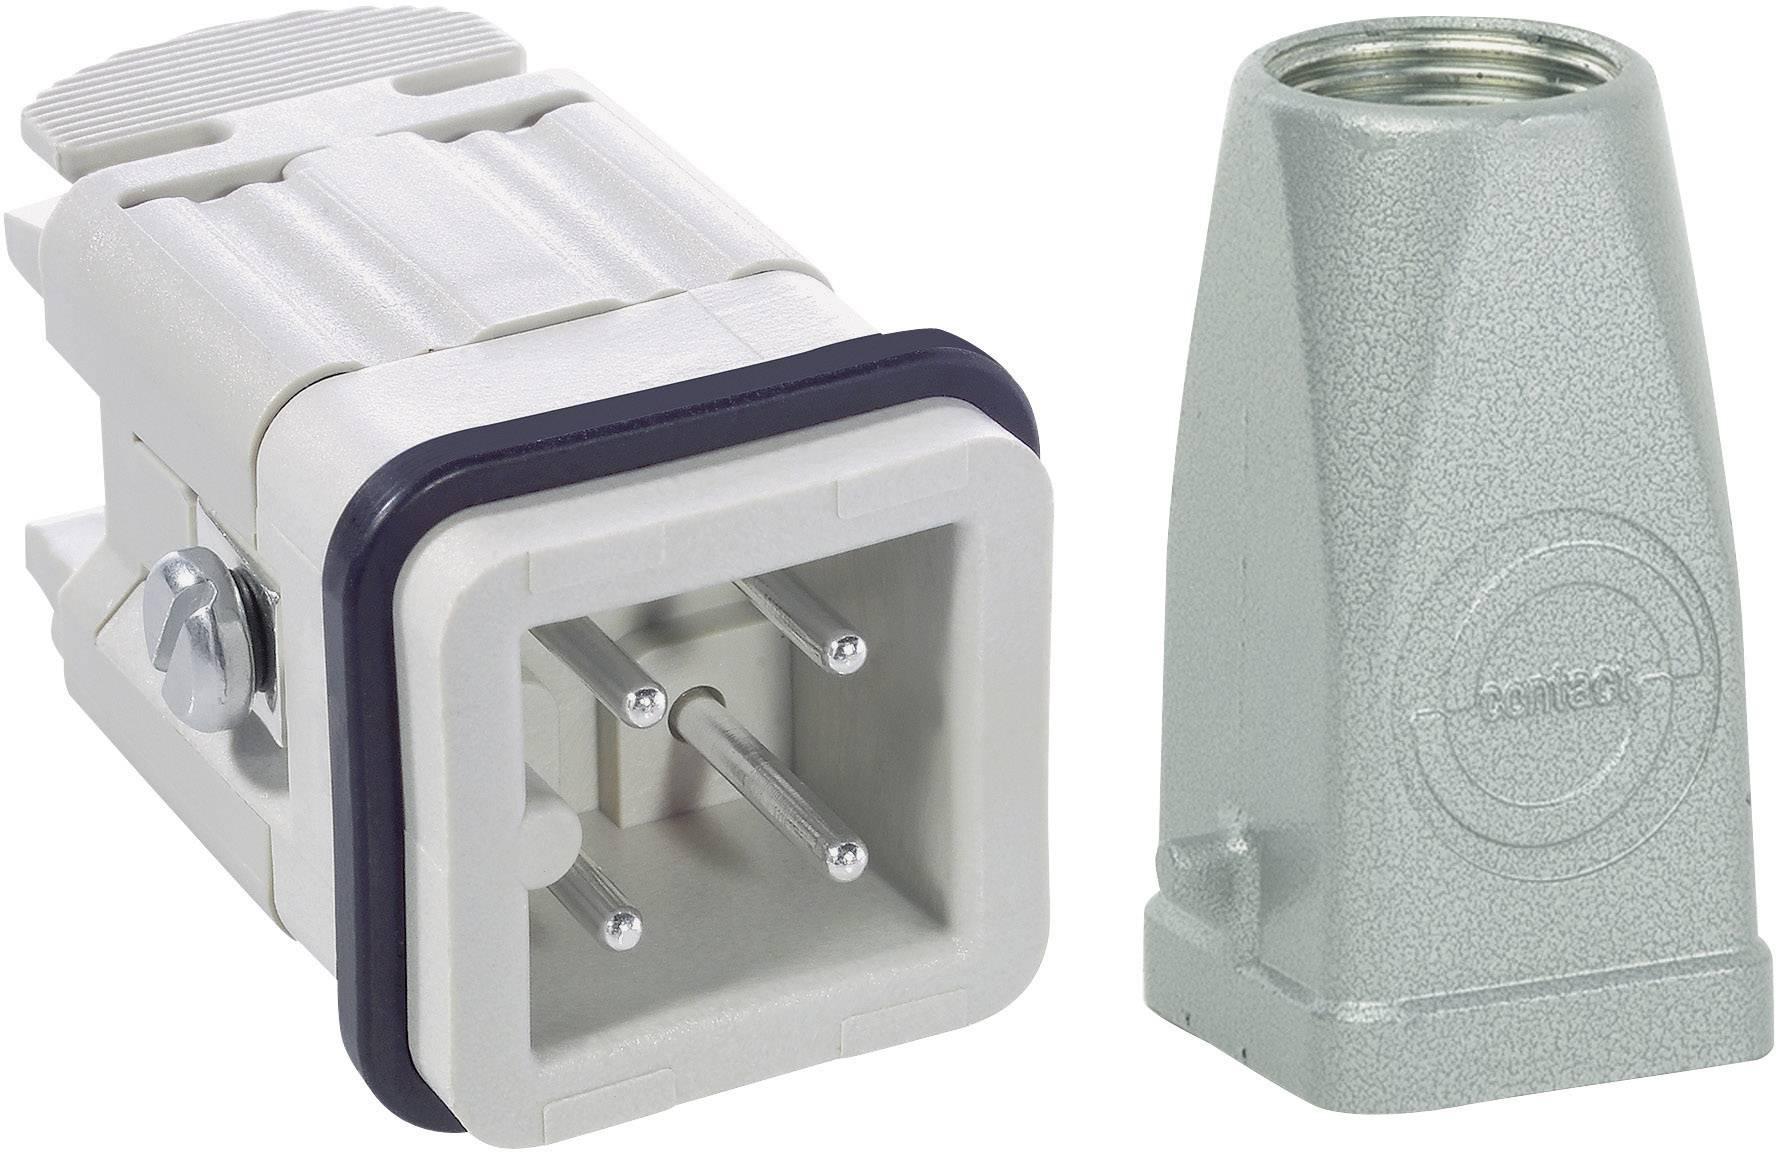 Sada konektorů EPIC®KIT H-A 3 75009602 LappKabel 3 + PE šroubovací 1 sada